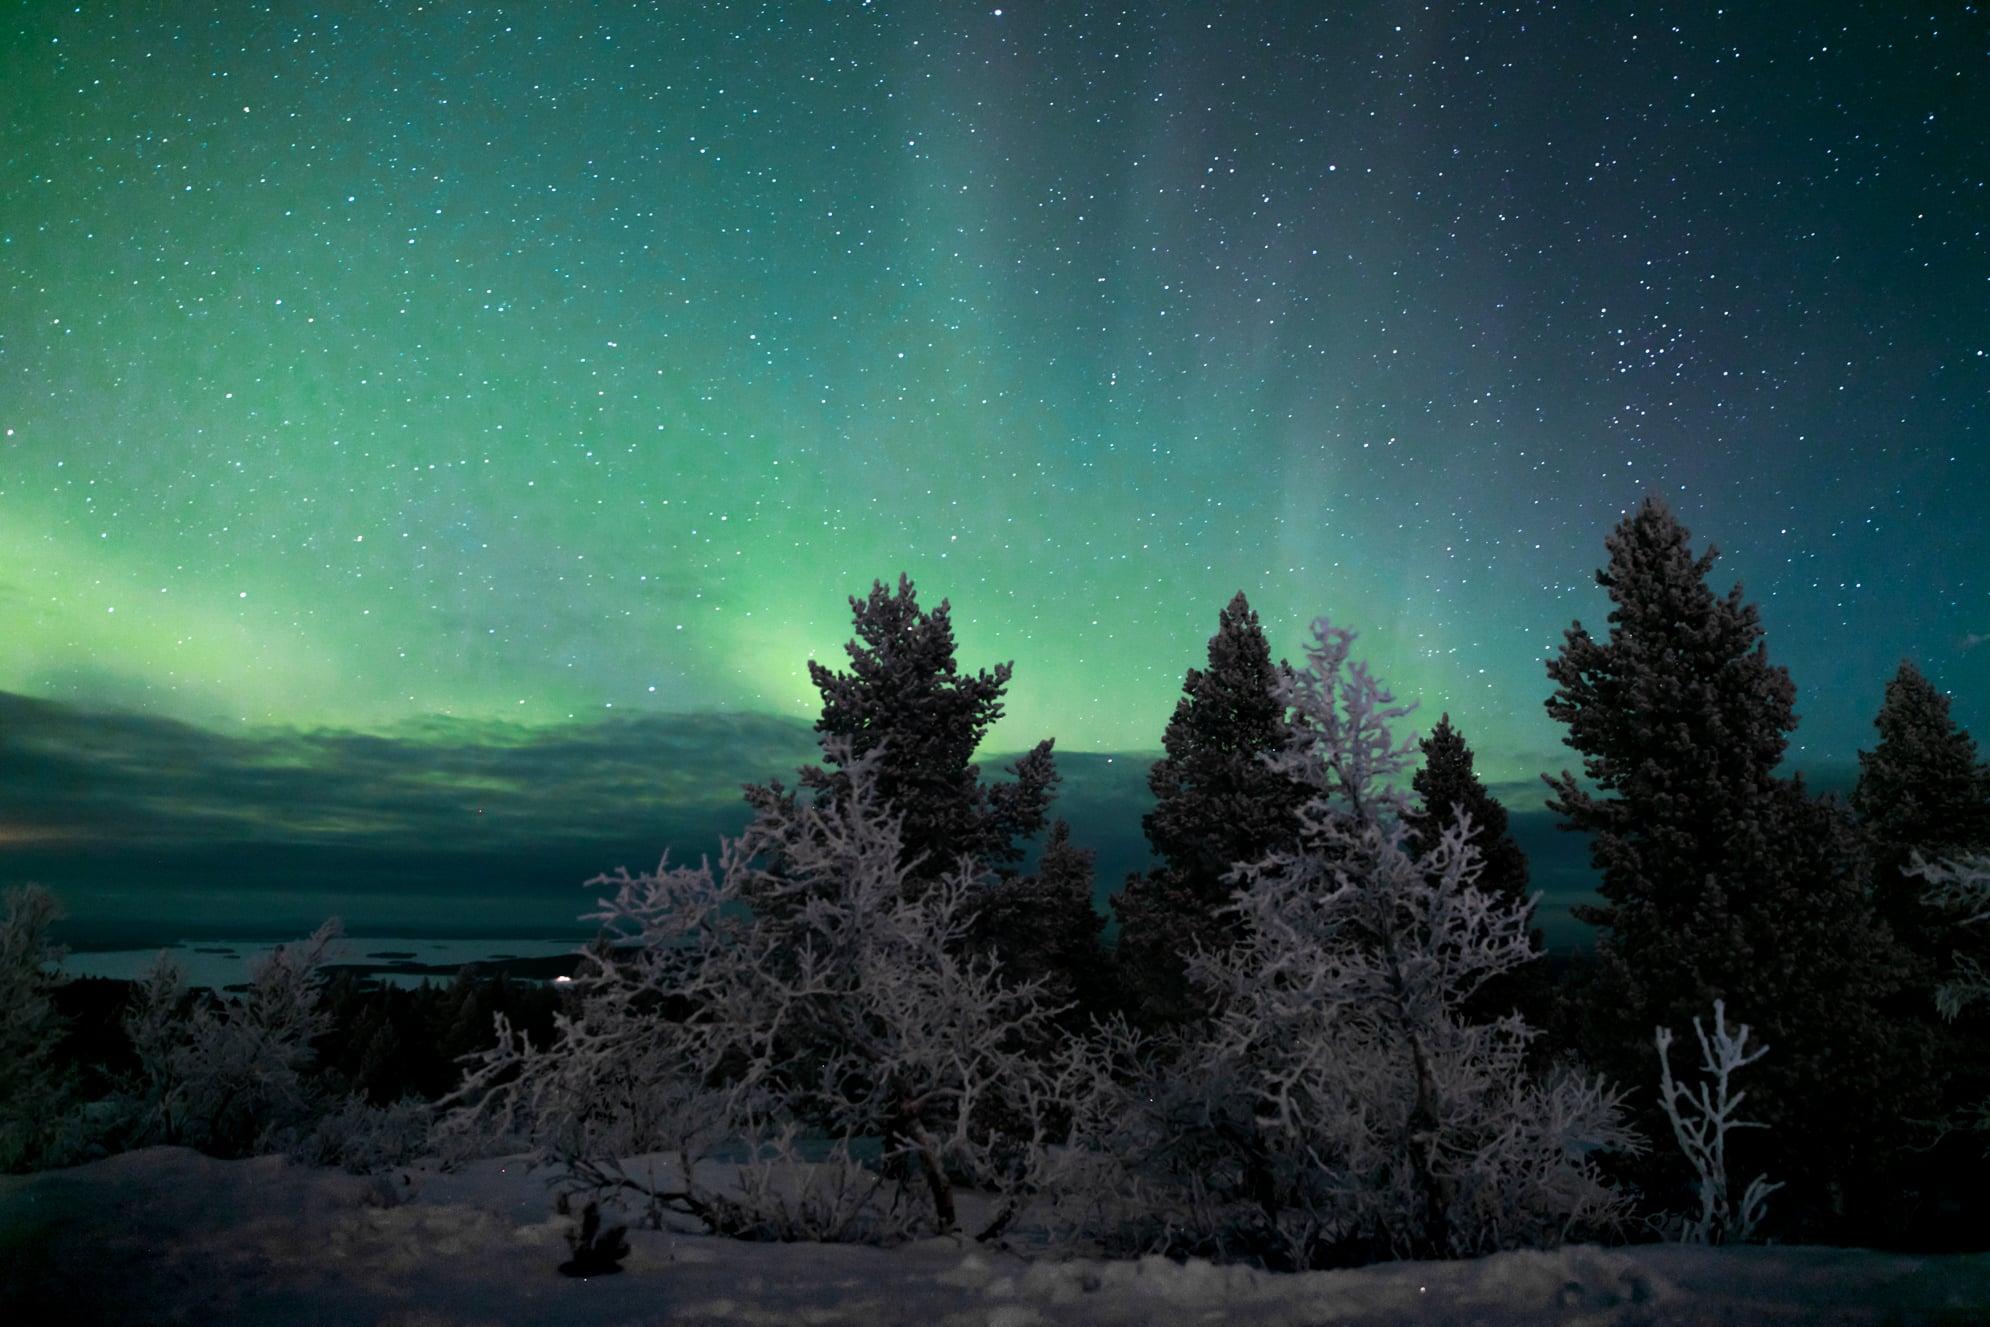 ID5A5769 2 - Récap de notre voyage en Laponie Finlandaise